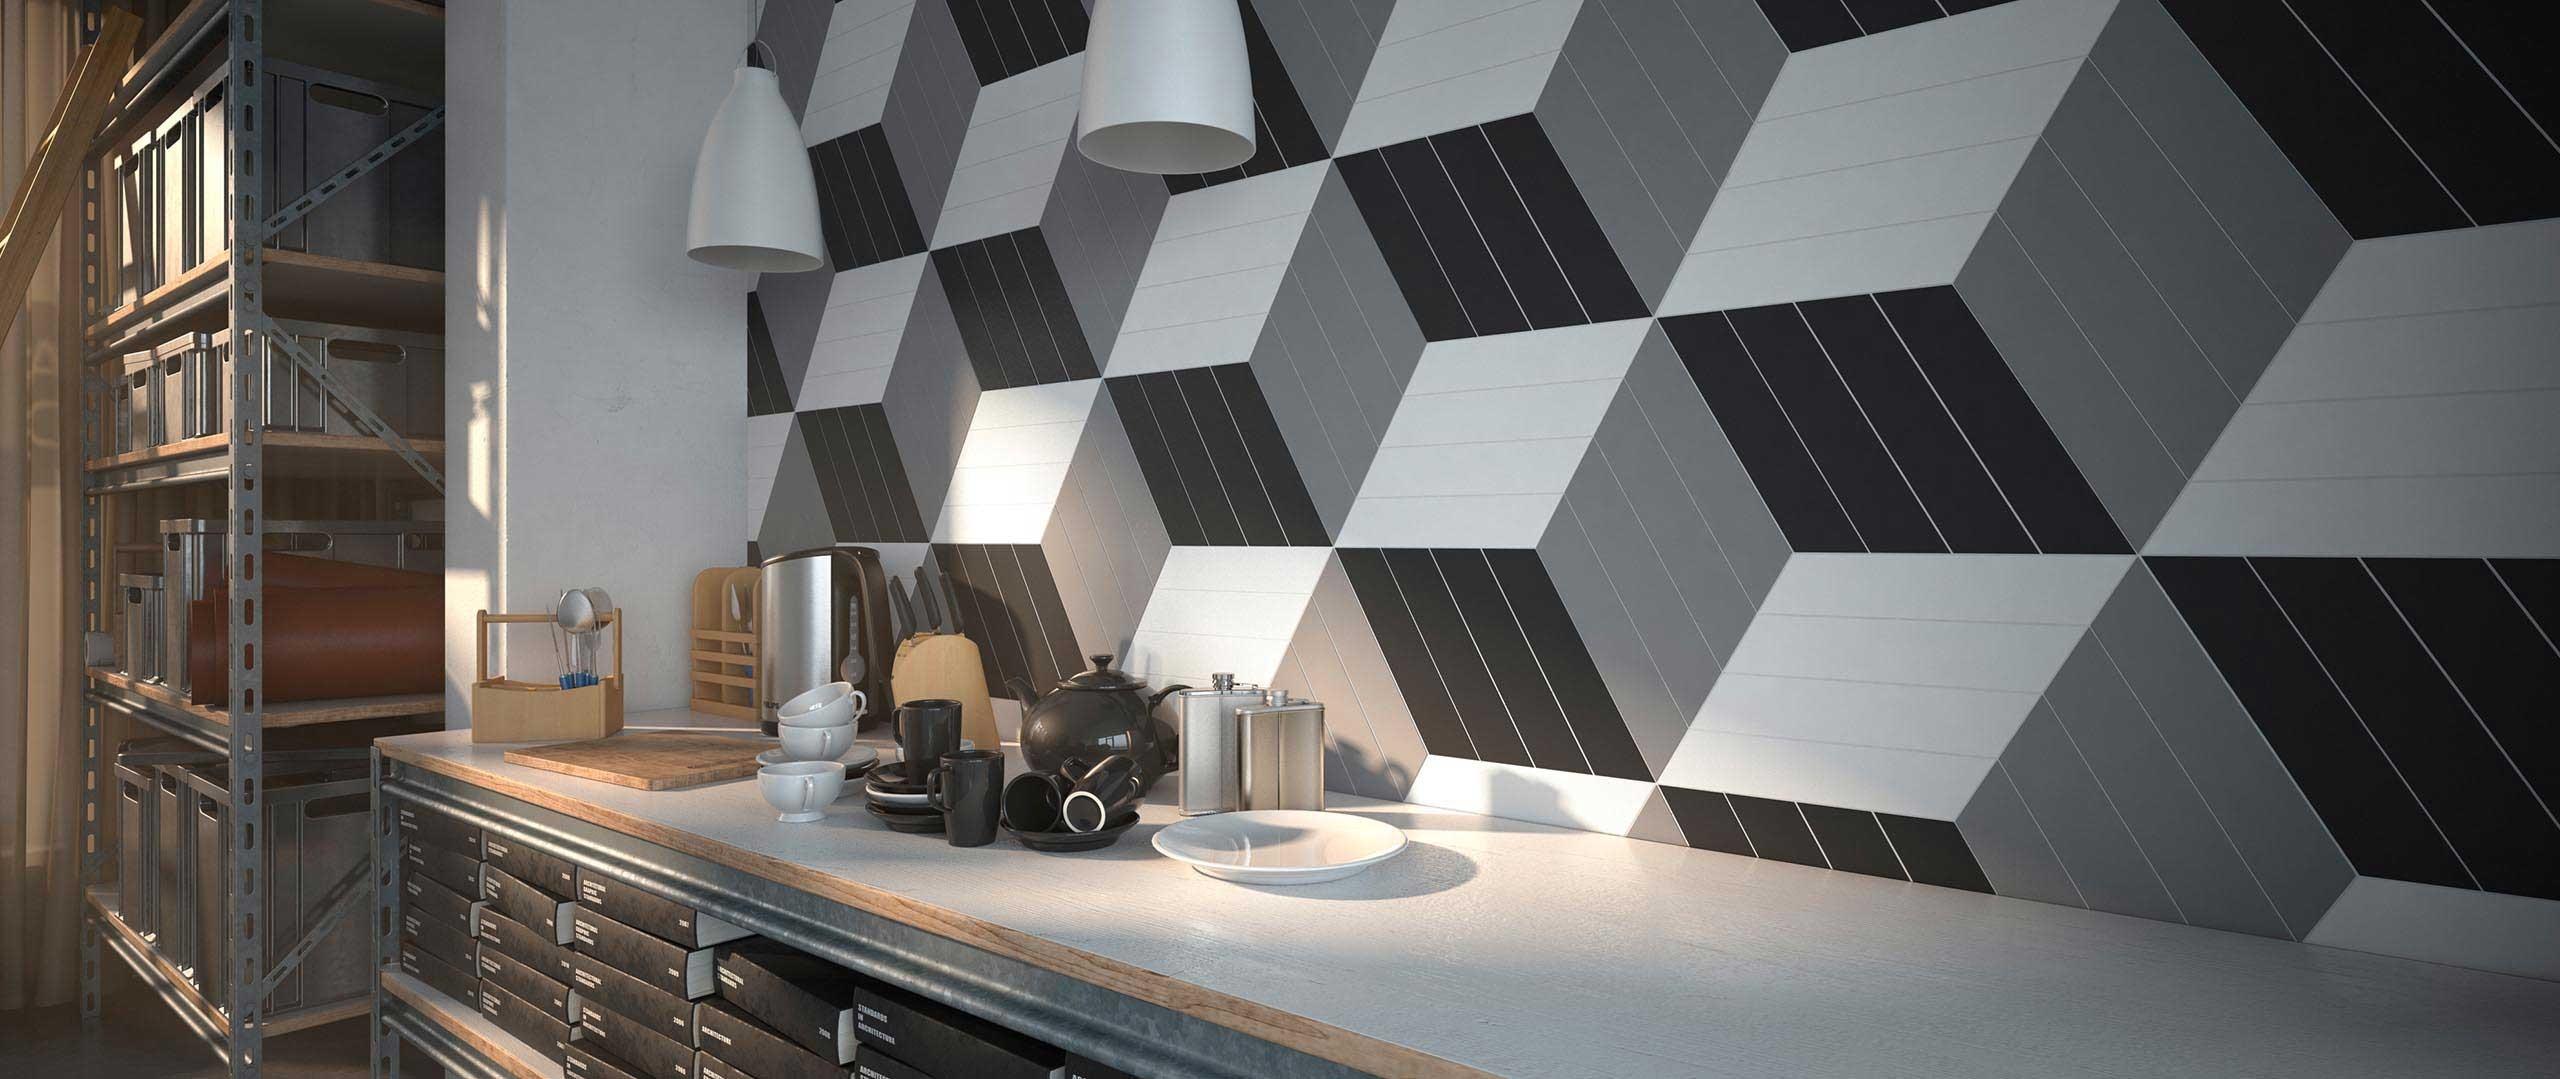 Carrelage Mural Faience Chevron 23x5cm 5 Couleurs Casalux Home